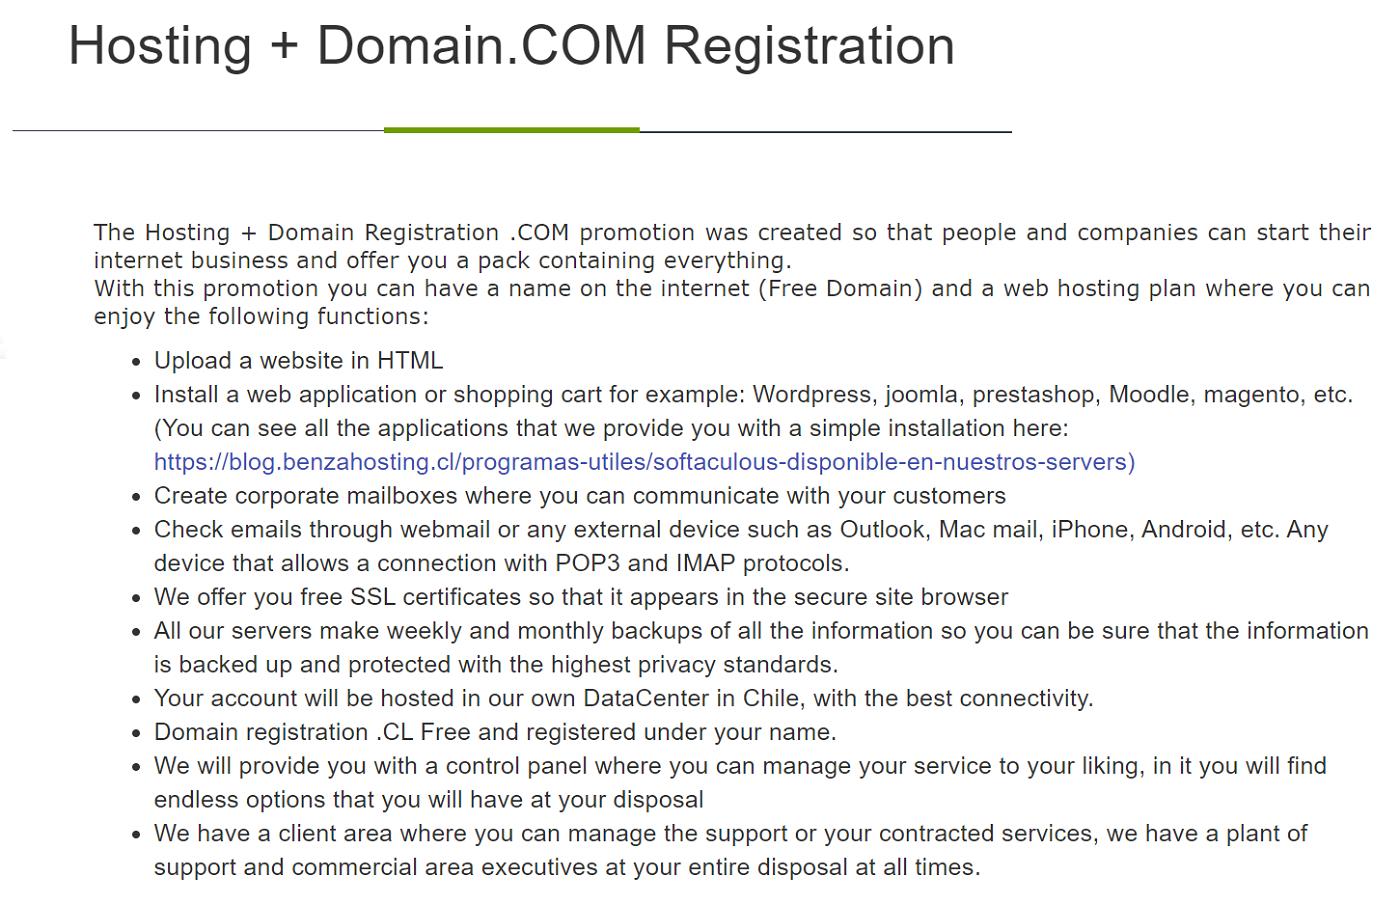 Benza ofrece dominios gratis al contratar un plan de hosting en servicios de alojamiento para páginas web en Chile